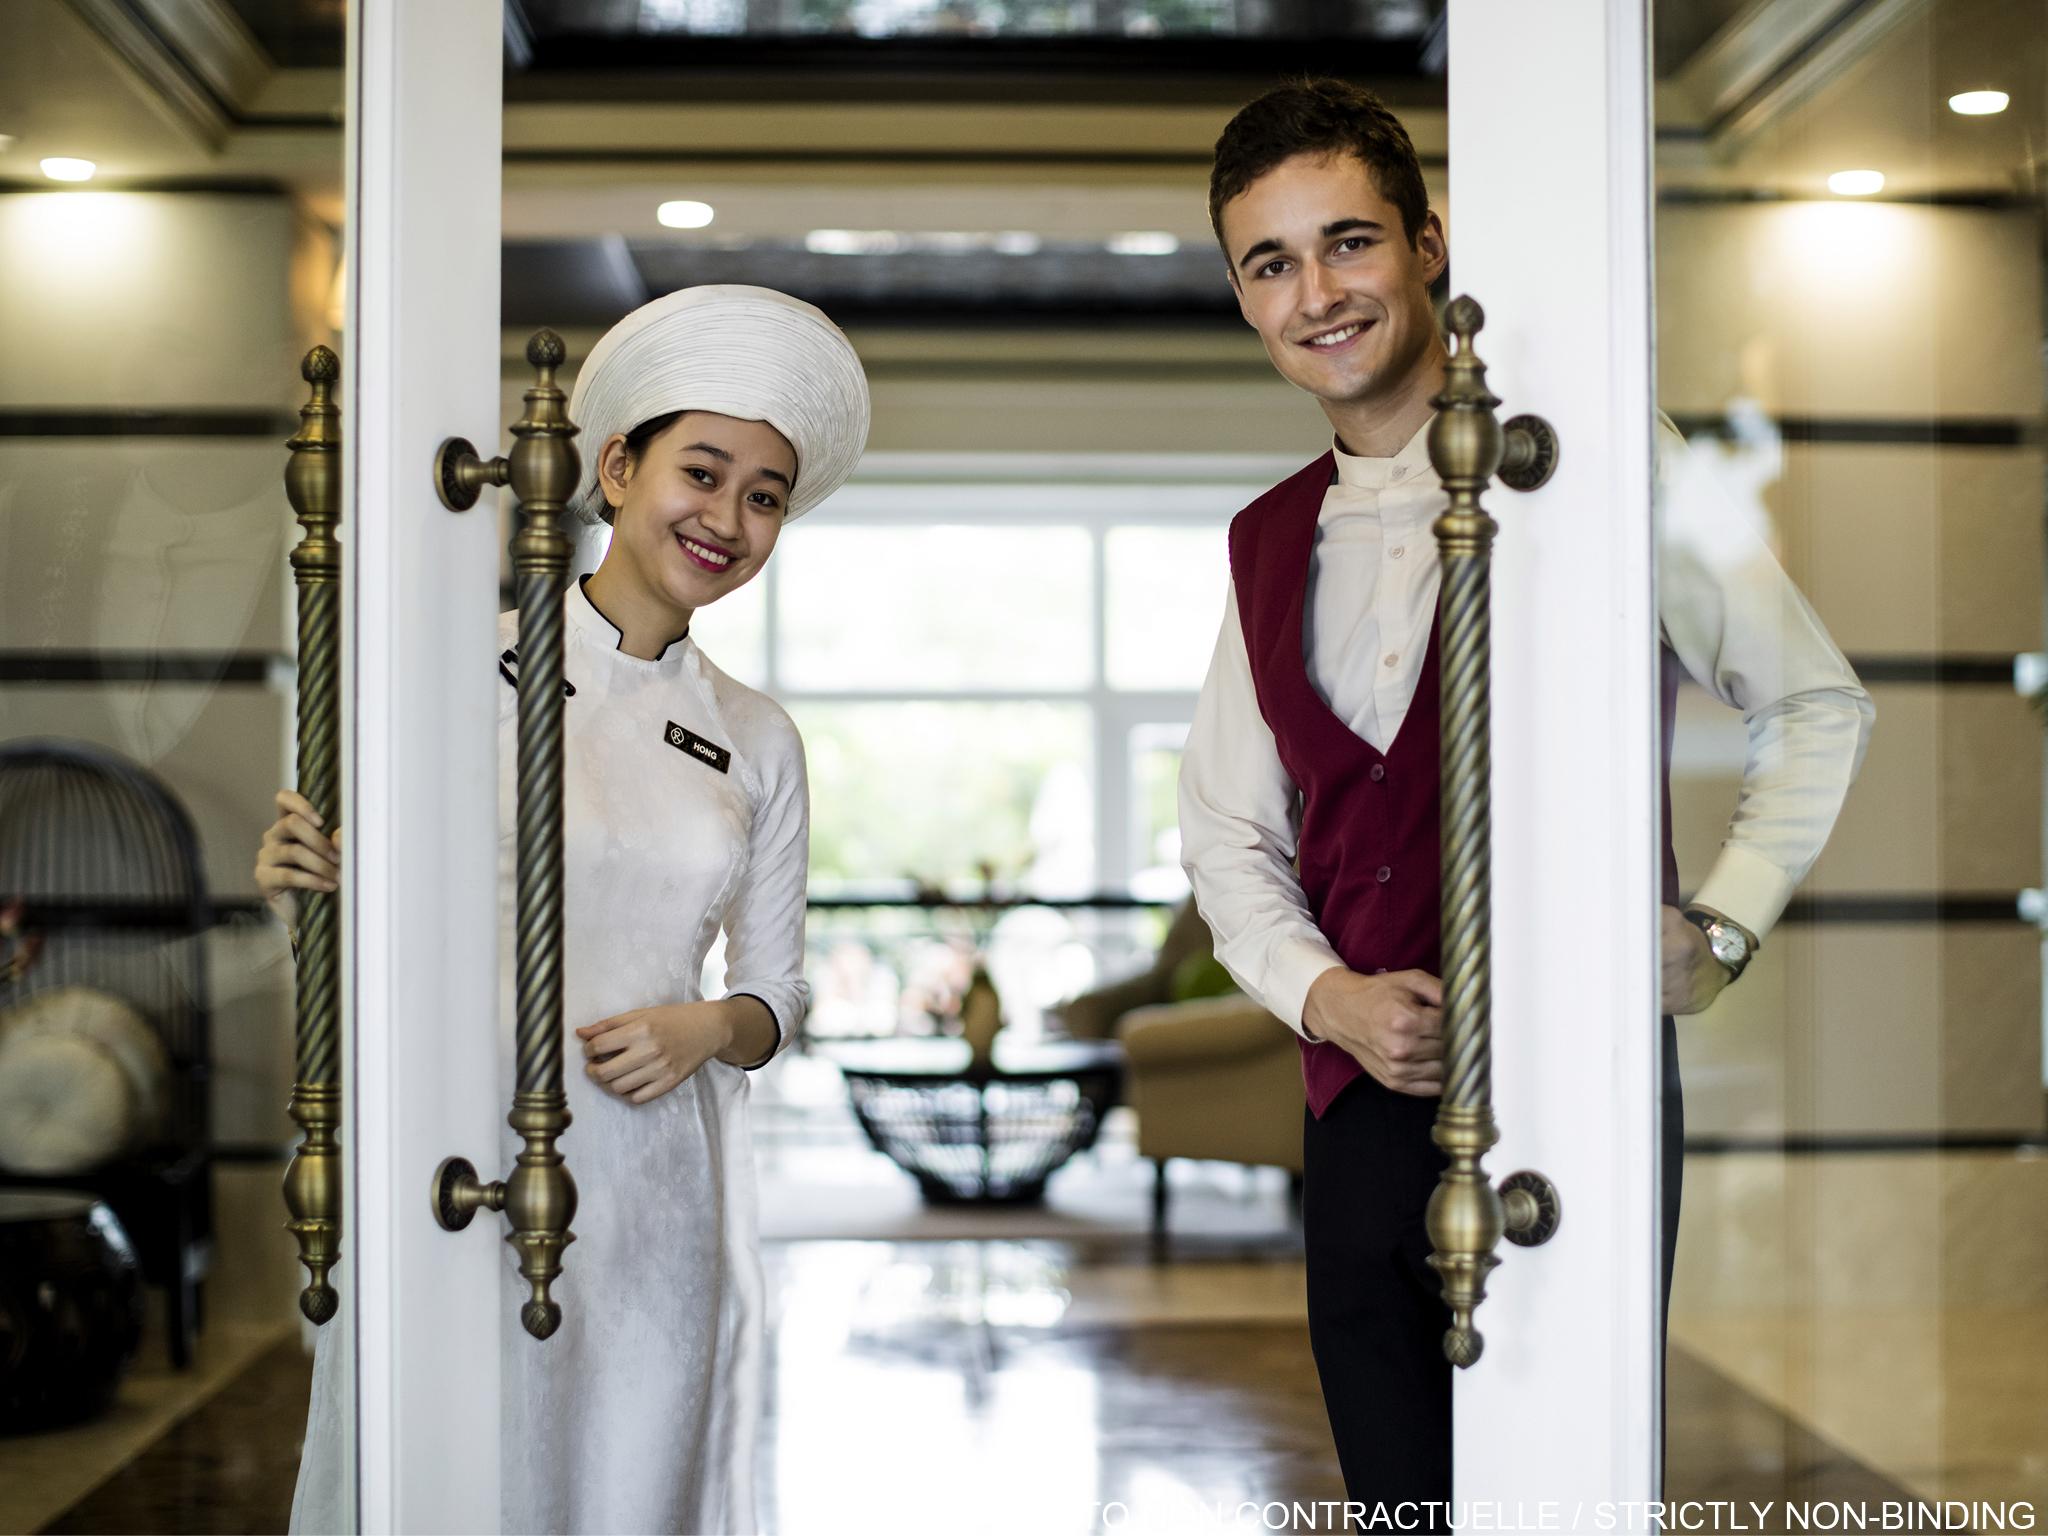 Hotel – The Mitchelton Hotel Nagambie (Opening July 2018)